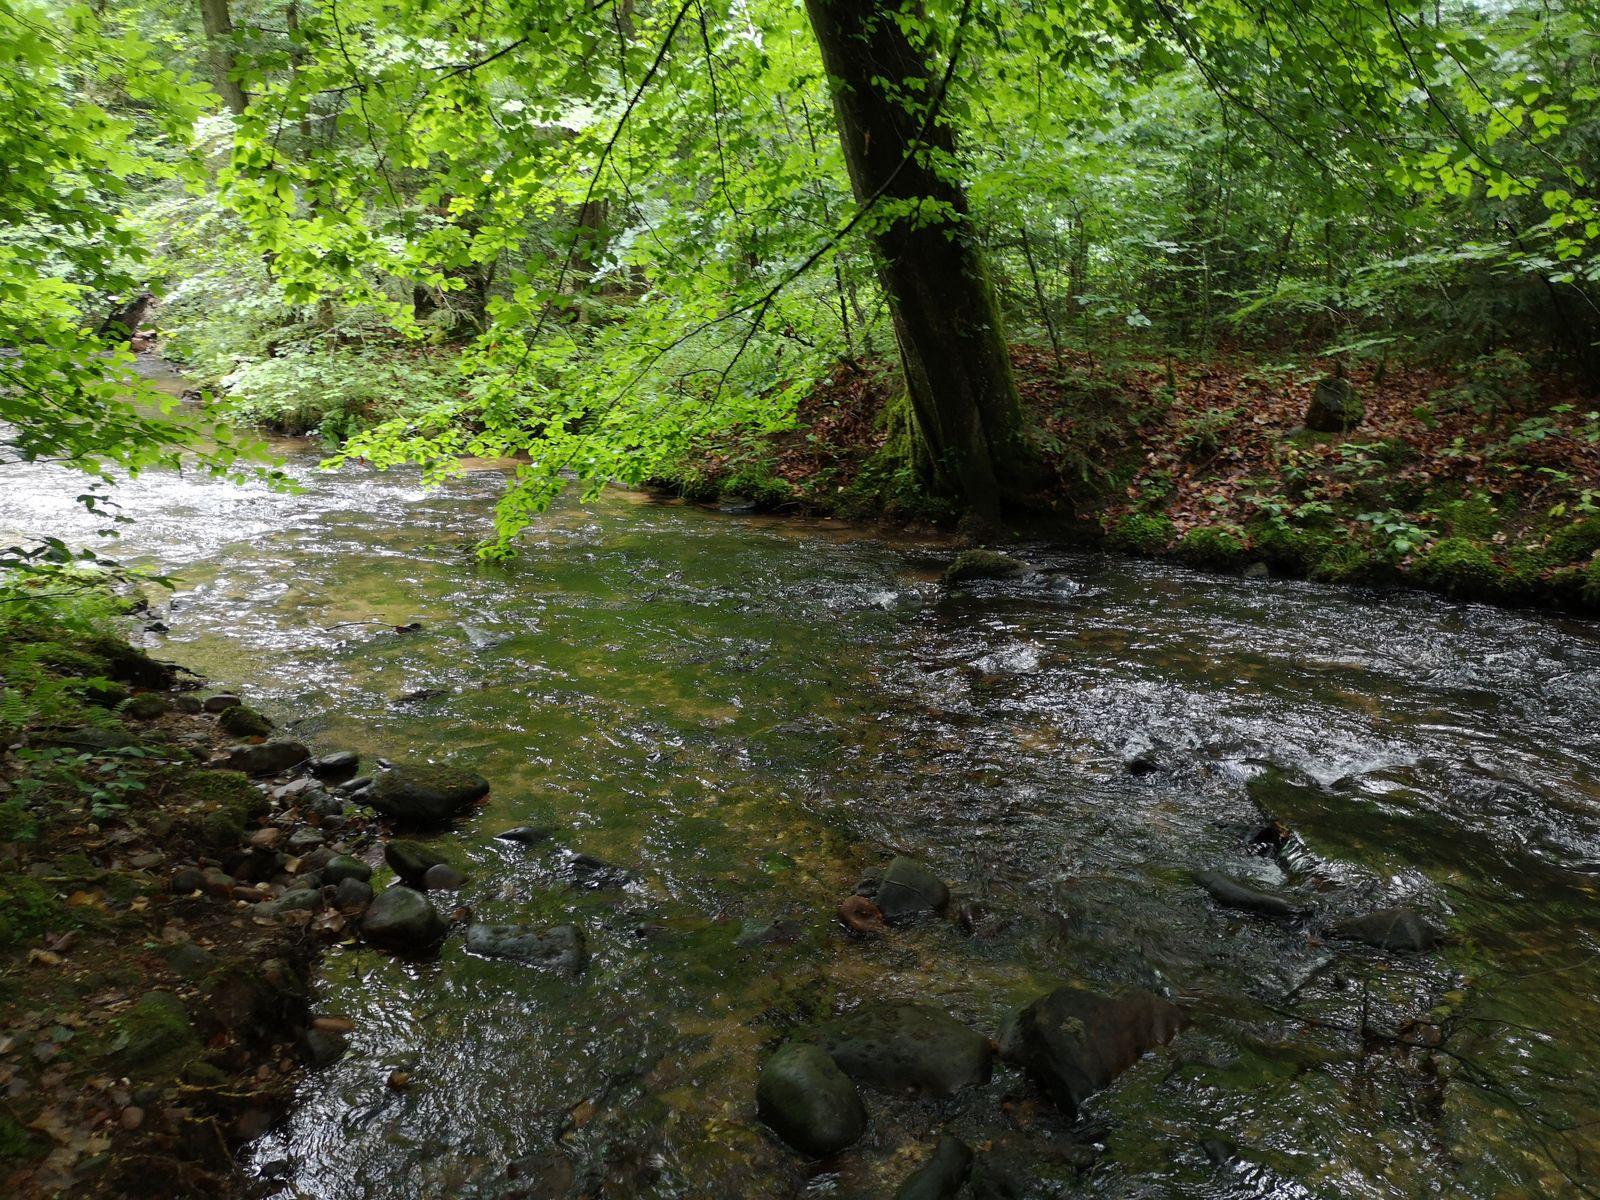 Et sous la cascade, la Mossig coule paisiblement vers le Fuchsloch et Romanswiller, avant de rejoindre Wasselonne et quelques kilomètres plus loin, la Bruche.